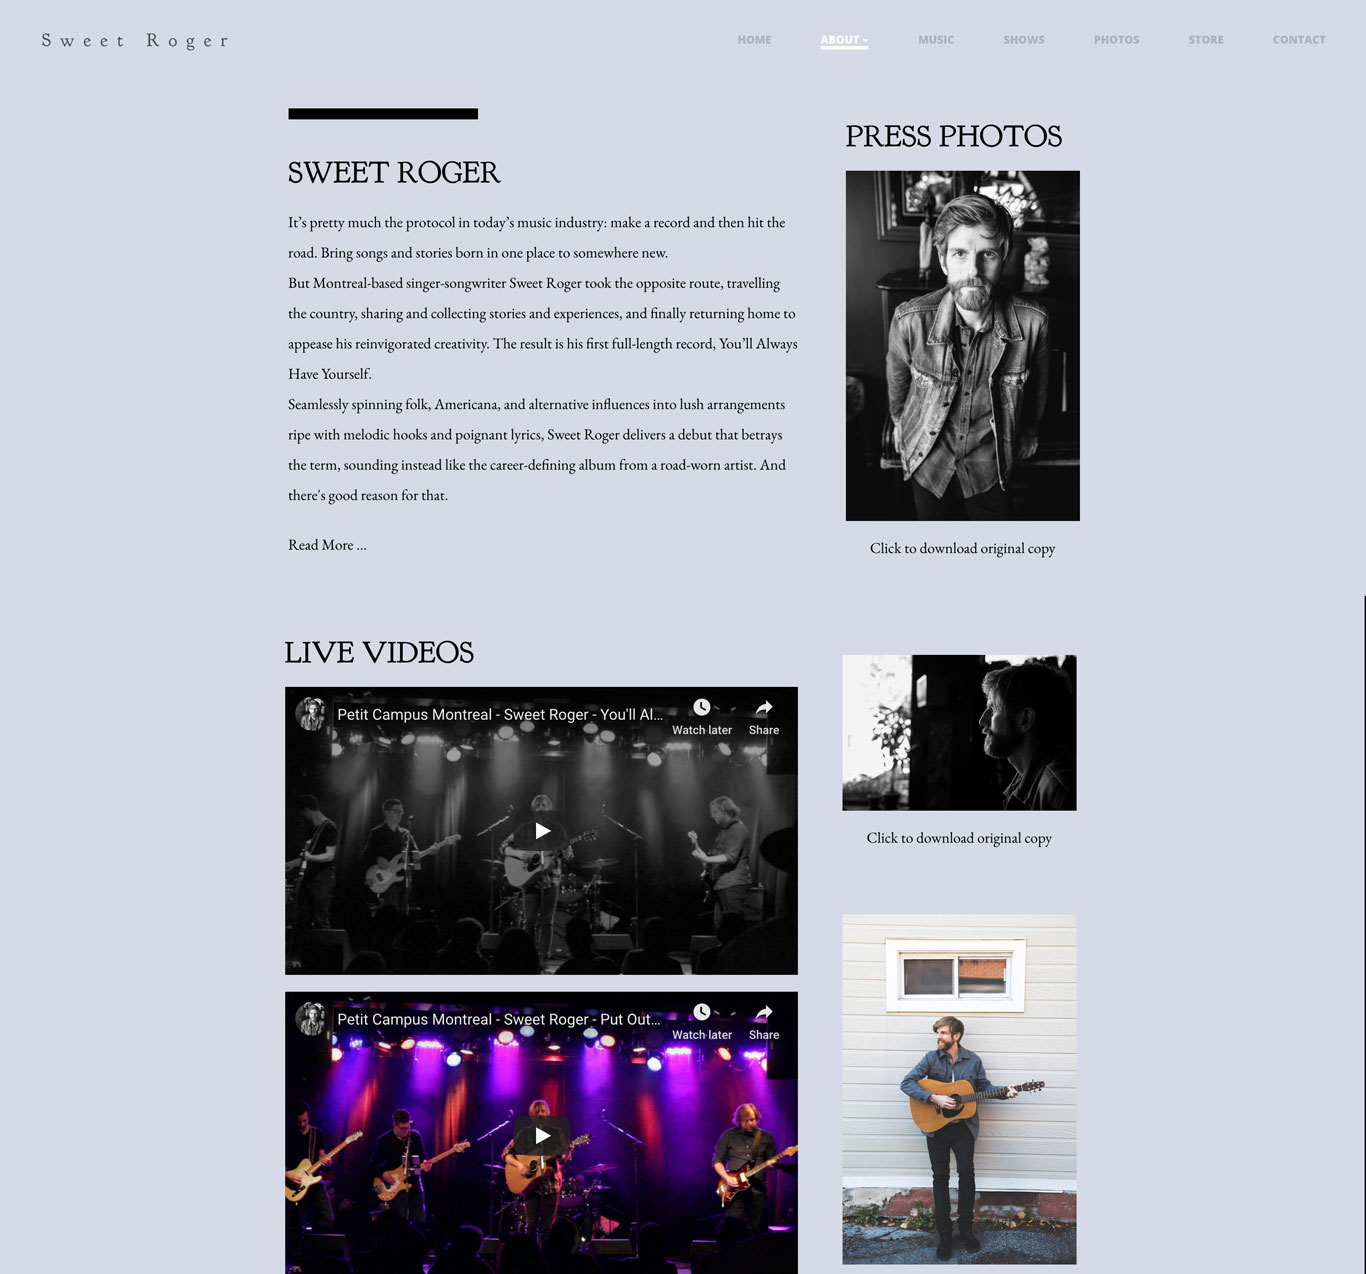 Sweet Roger singer songwriter website design